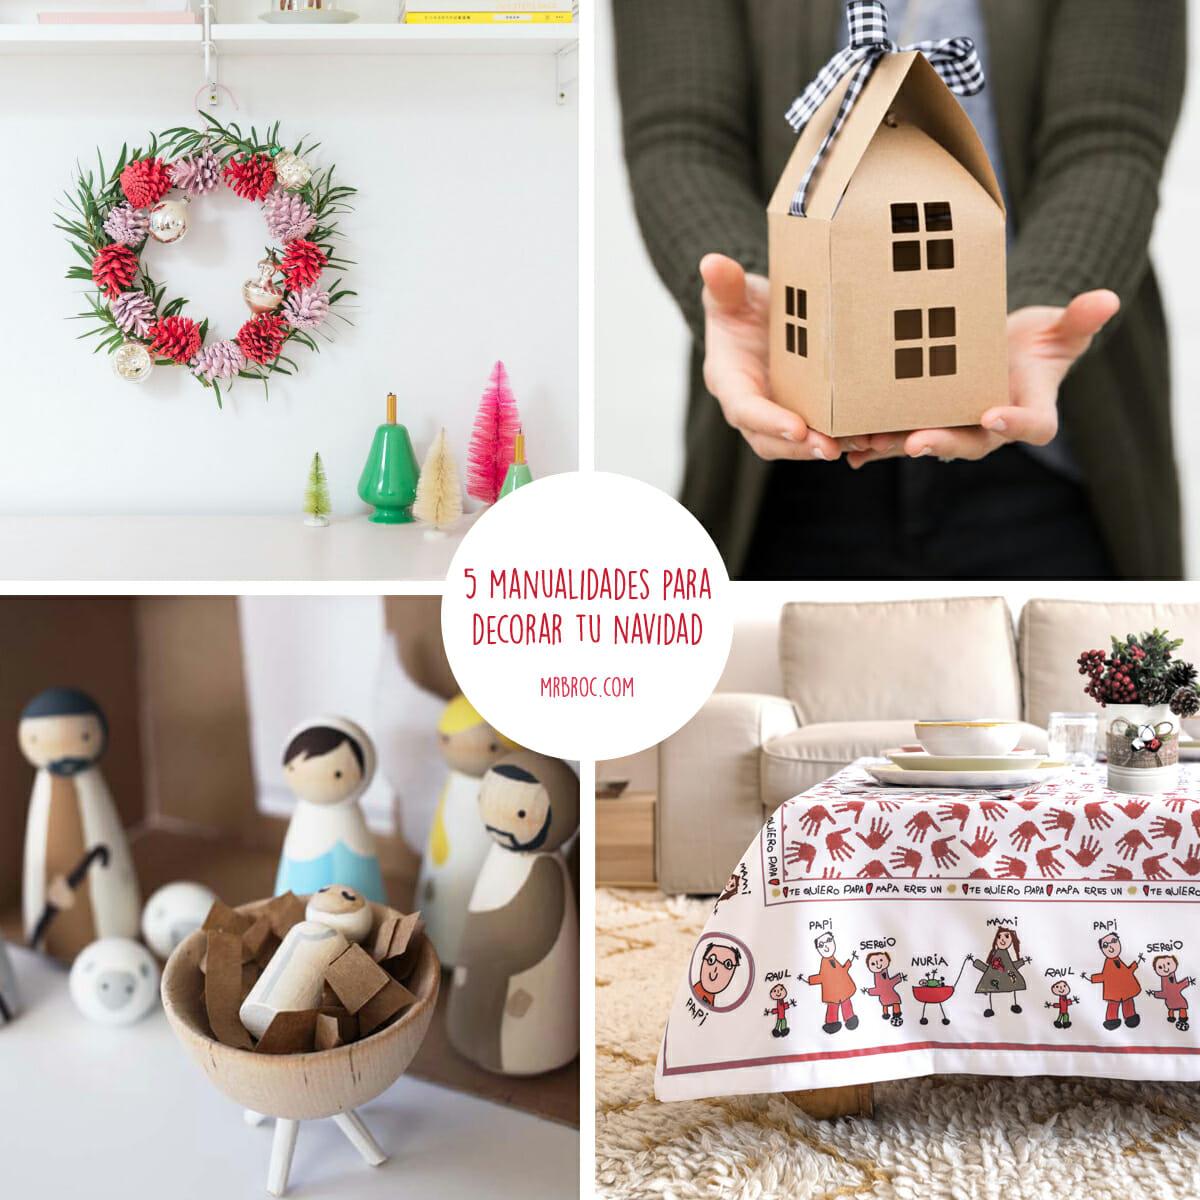 5 manualidades para decorar vuestra casa esta navidad mr - Decorar la casa de navidad ...